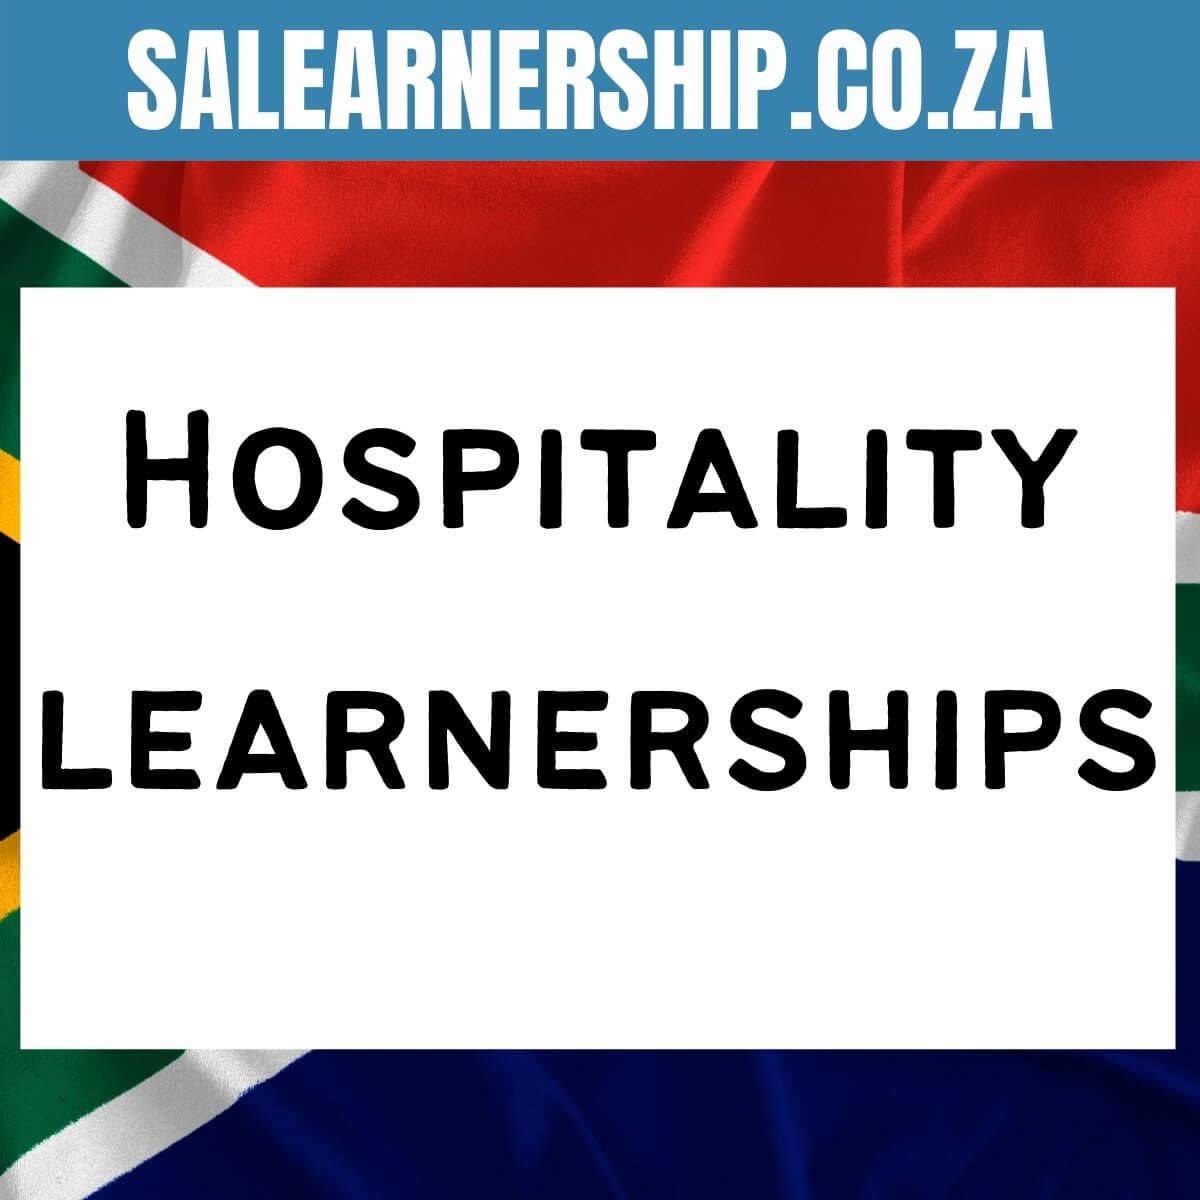 Hospitality learnerships